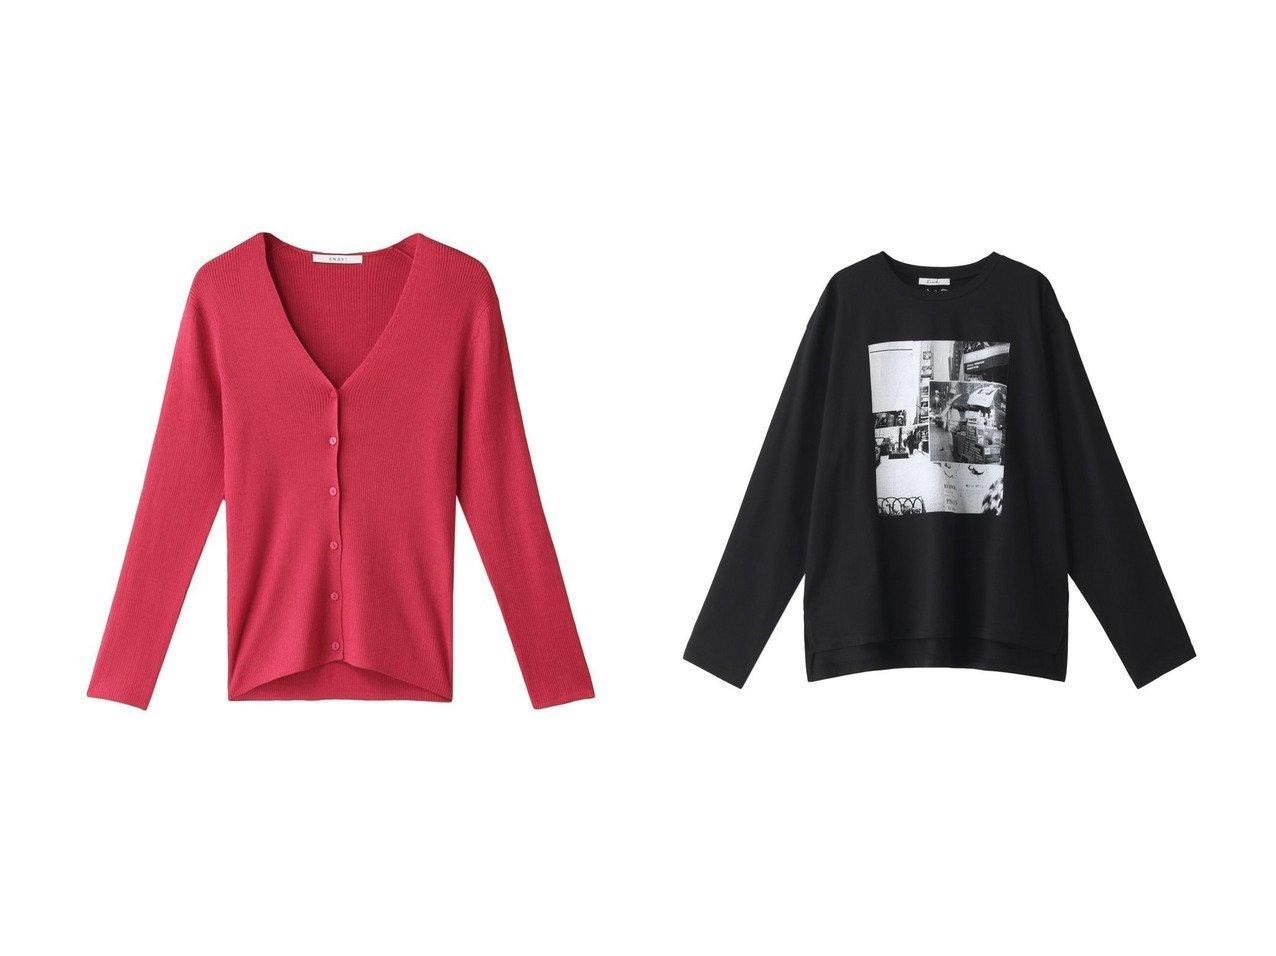 【ANAYI/アナイ】のアセテートポリエステルVネックカーディガン&【Ezick/エジック】のEzickポケットCLロンT トップス・カットソーのおすすめ!人気、トレンド・レディースファッションの通販 おすすめで人気の流行・トレンド、ファッションの通販商品 メンズファッション・キッズファッション・インテリア・家具・レディースファッション・服の通販 founy(ファニー) https://founy.com/ ファッション Fashion レディースファッション WOMEN トップス Tops Tshirt ニット Knit Tops カーディガン Cardigans Vネック V-Neck シャツ/ブラウス Shirts Blouses ロング / Tシャツ T-Shirts カットソー Cut and Sewn カーディガン フィット 定番 Standard クール スリット スリーブ フロント ベーシック ポケット ロング |ID:crp329100000014787